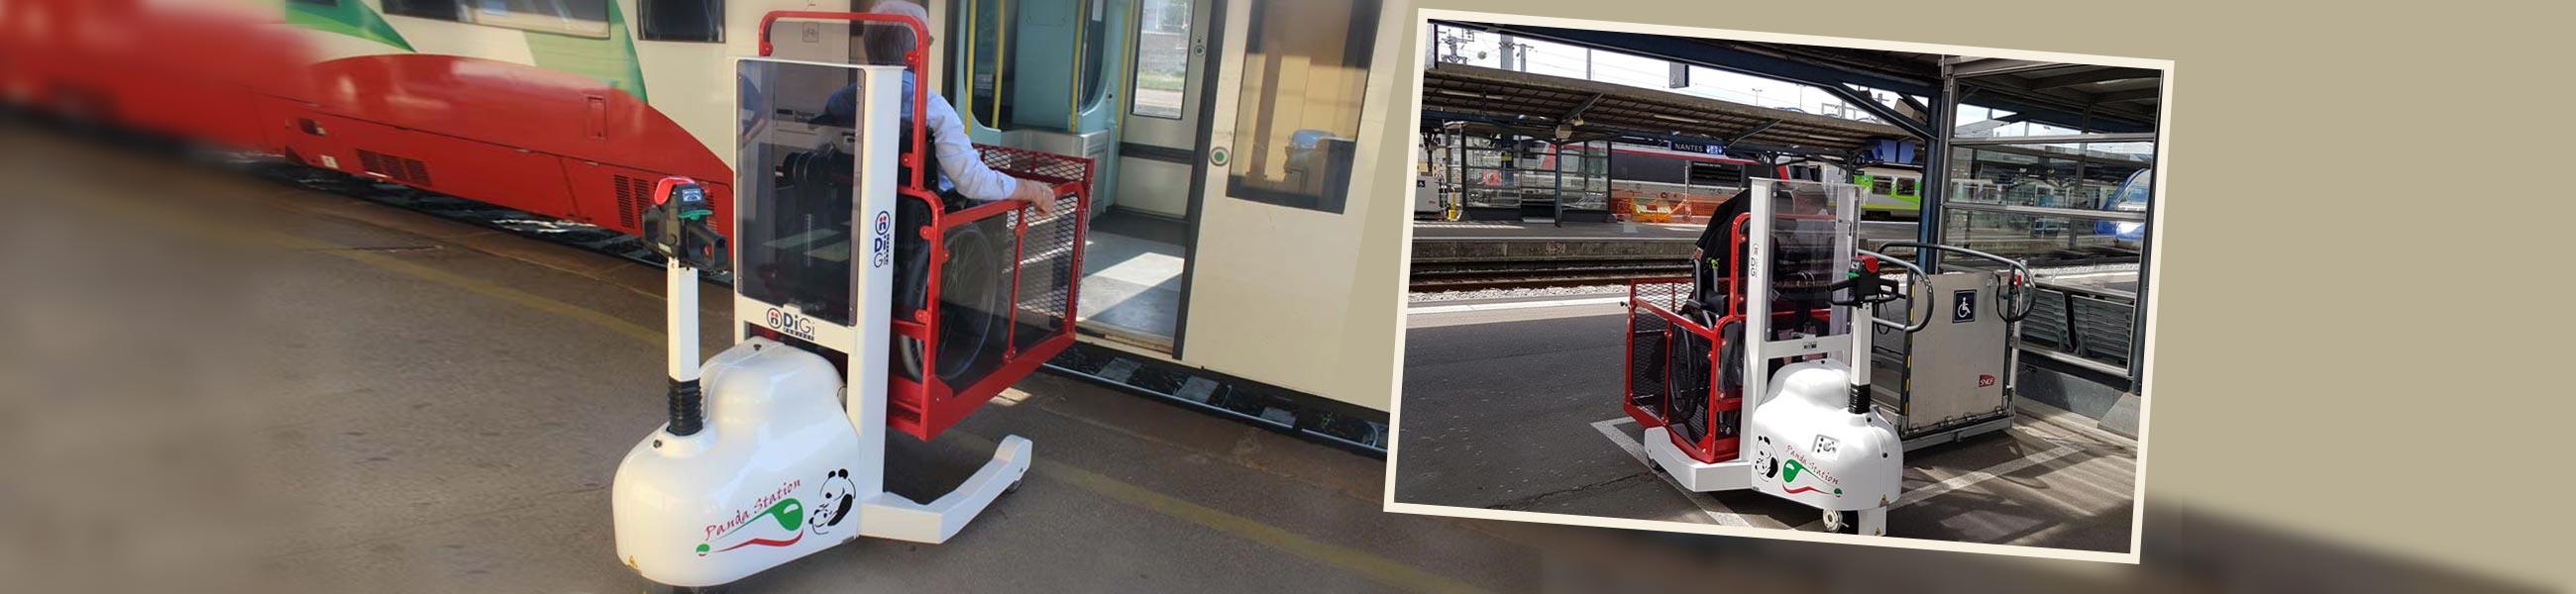 sollevatori disabili per treno